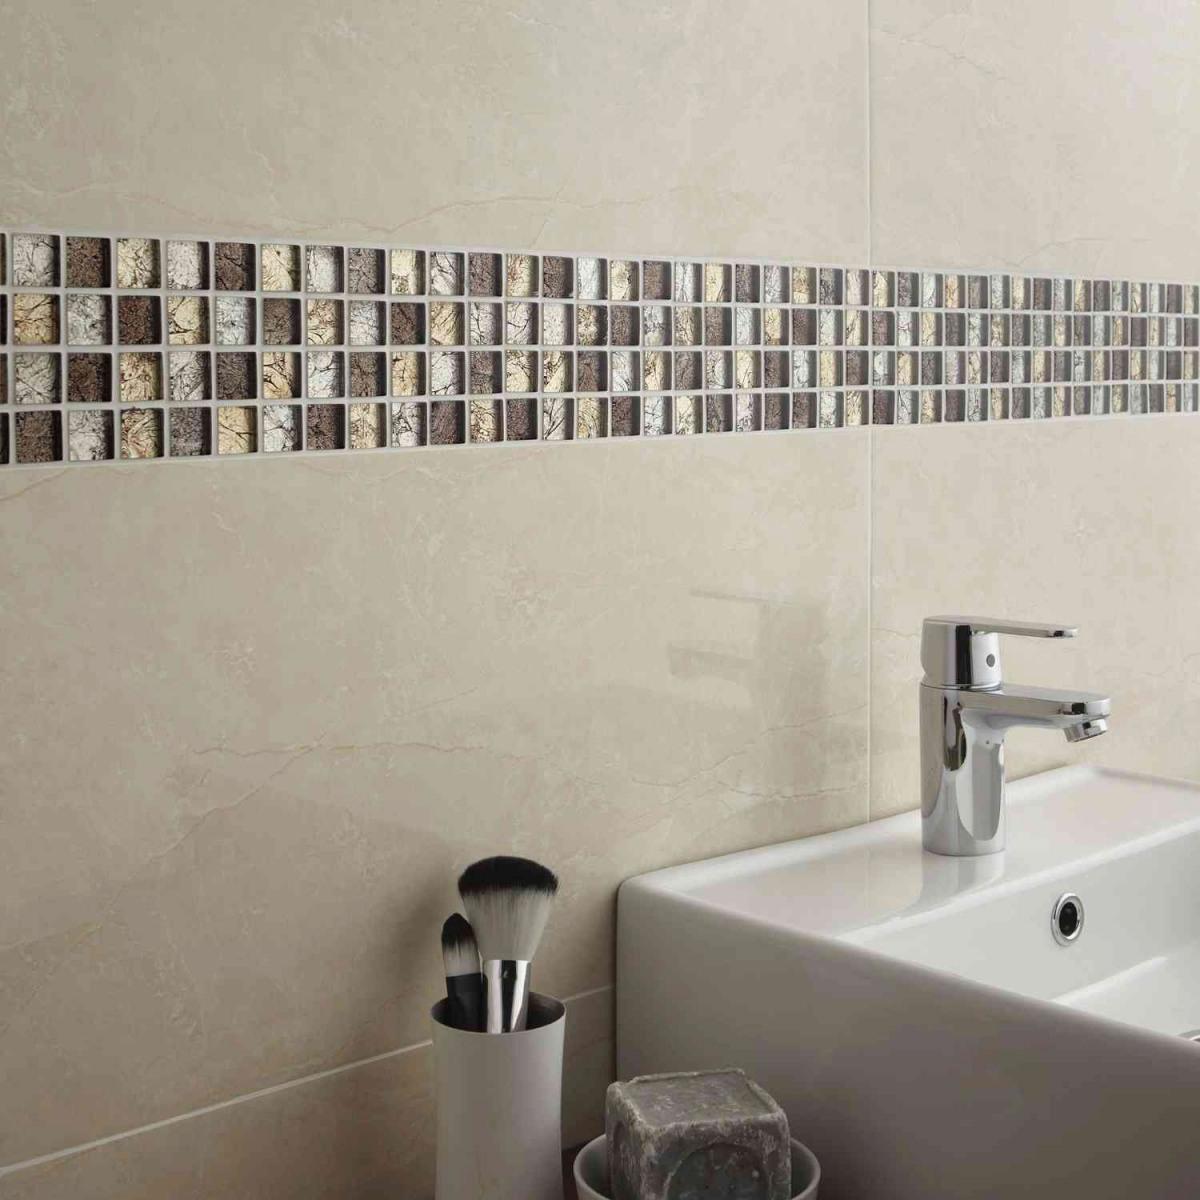 Devis Carrelage Leroy Merlin Inspirant Collection Peinture Pour Cuisine Leroy Merlin Luxury Cuisines but Beau H Sink